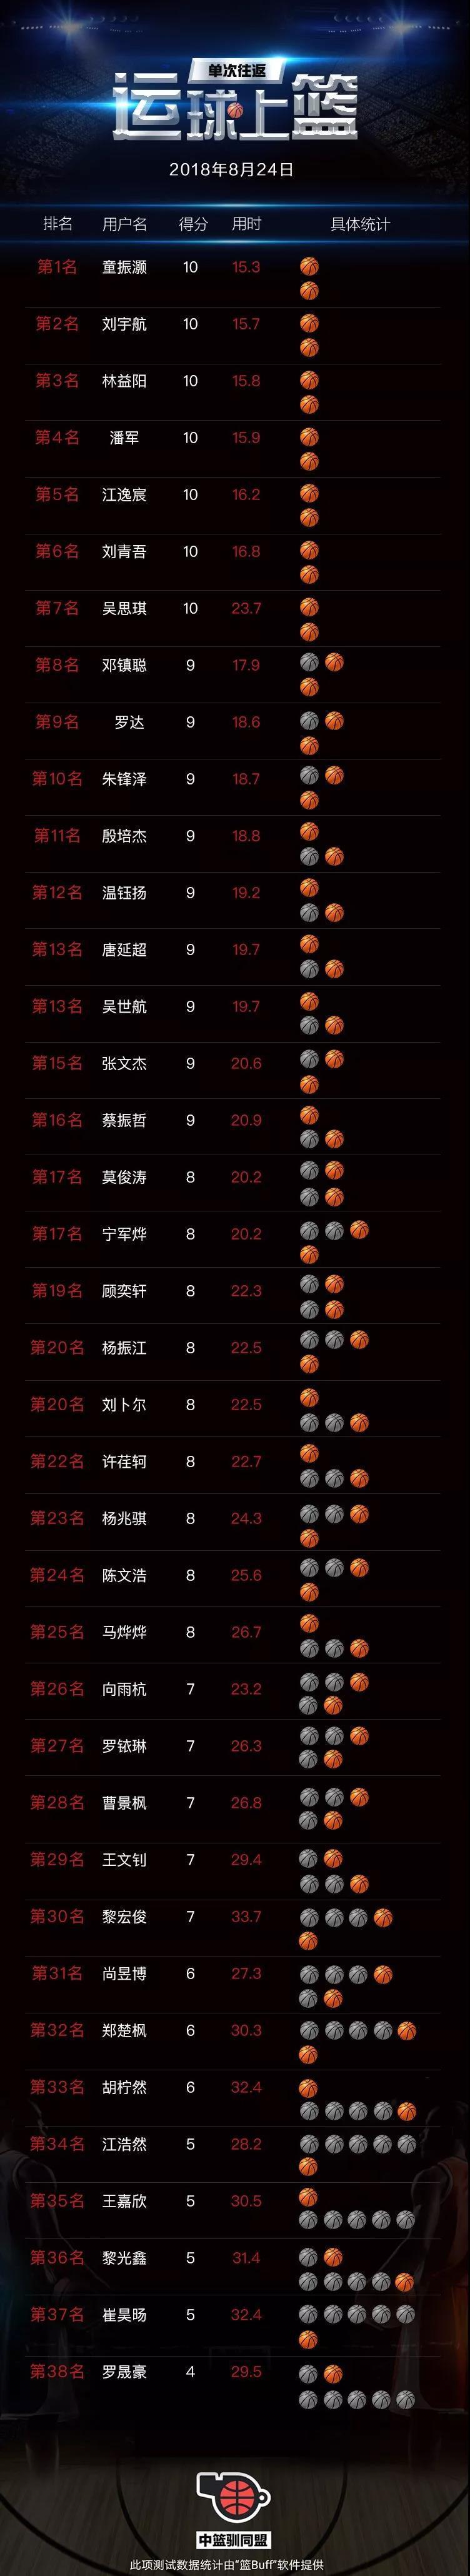 """中国首个""""互联网+海选+区块链+人工智能+体育IP赛事"""""""